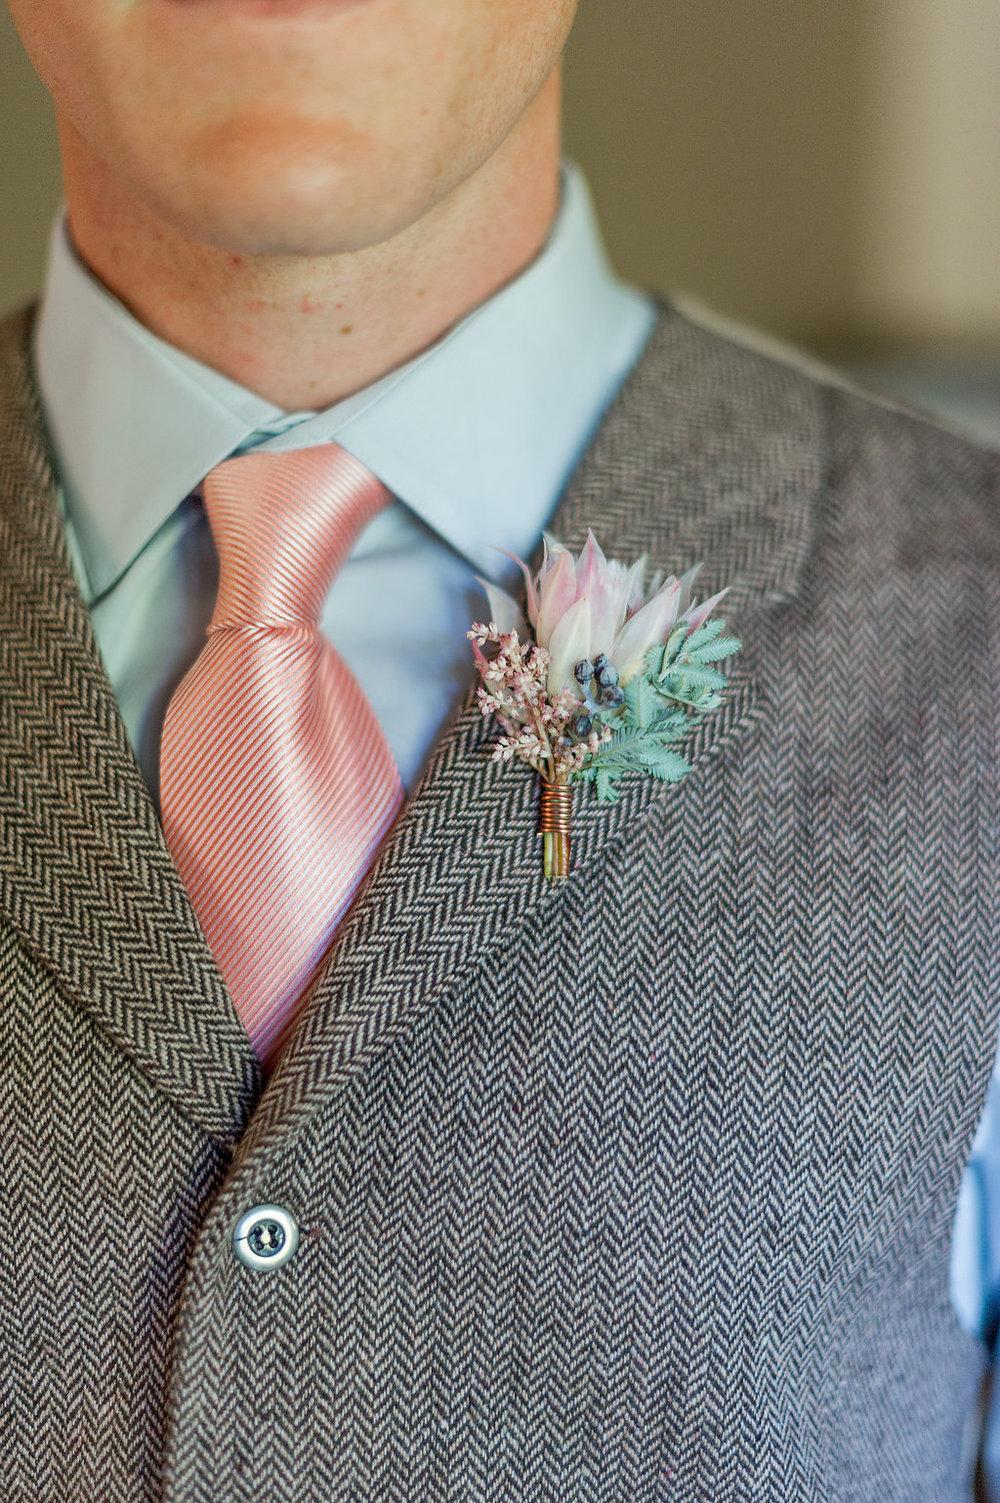 Blushing bride protea boutonniere by Compass Floral | Estancia Hotel & Spa, La Jolla.